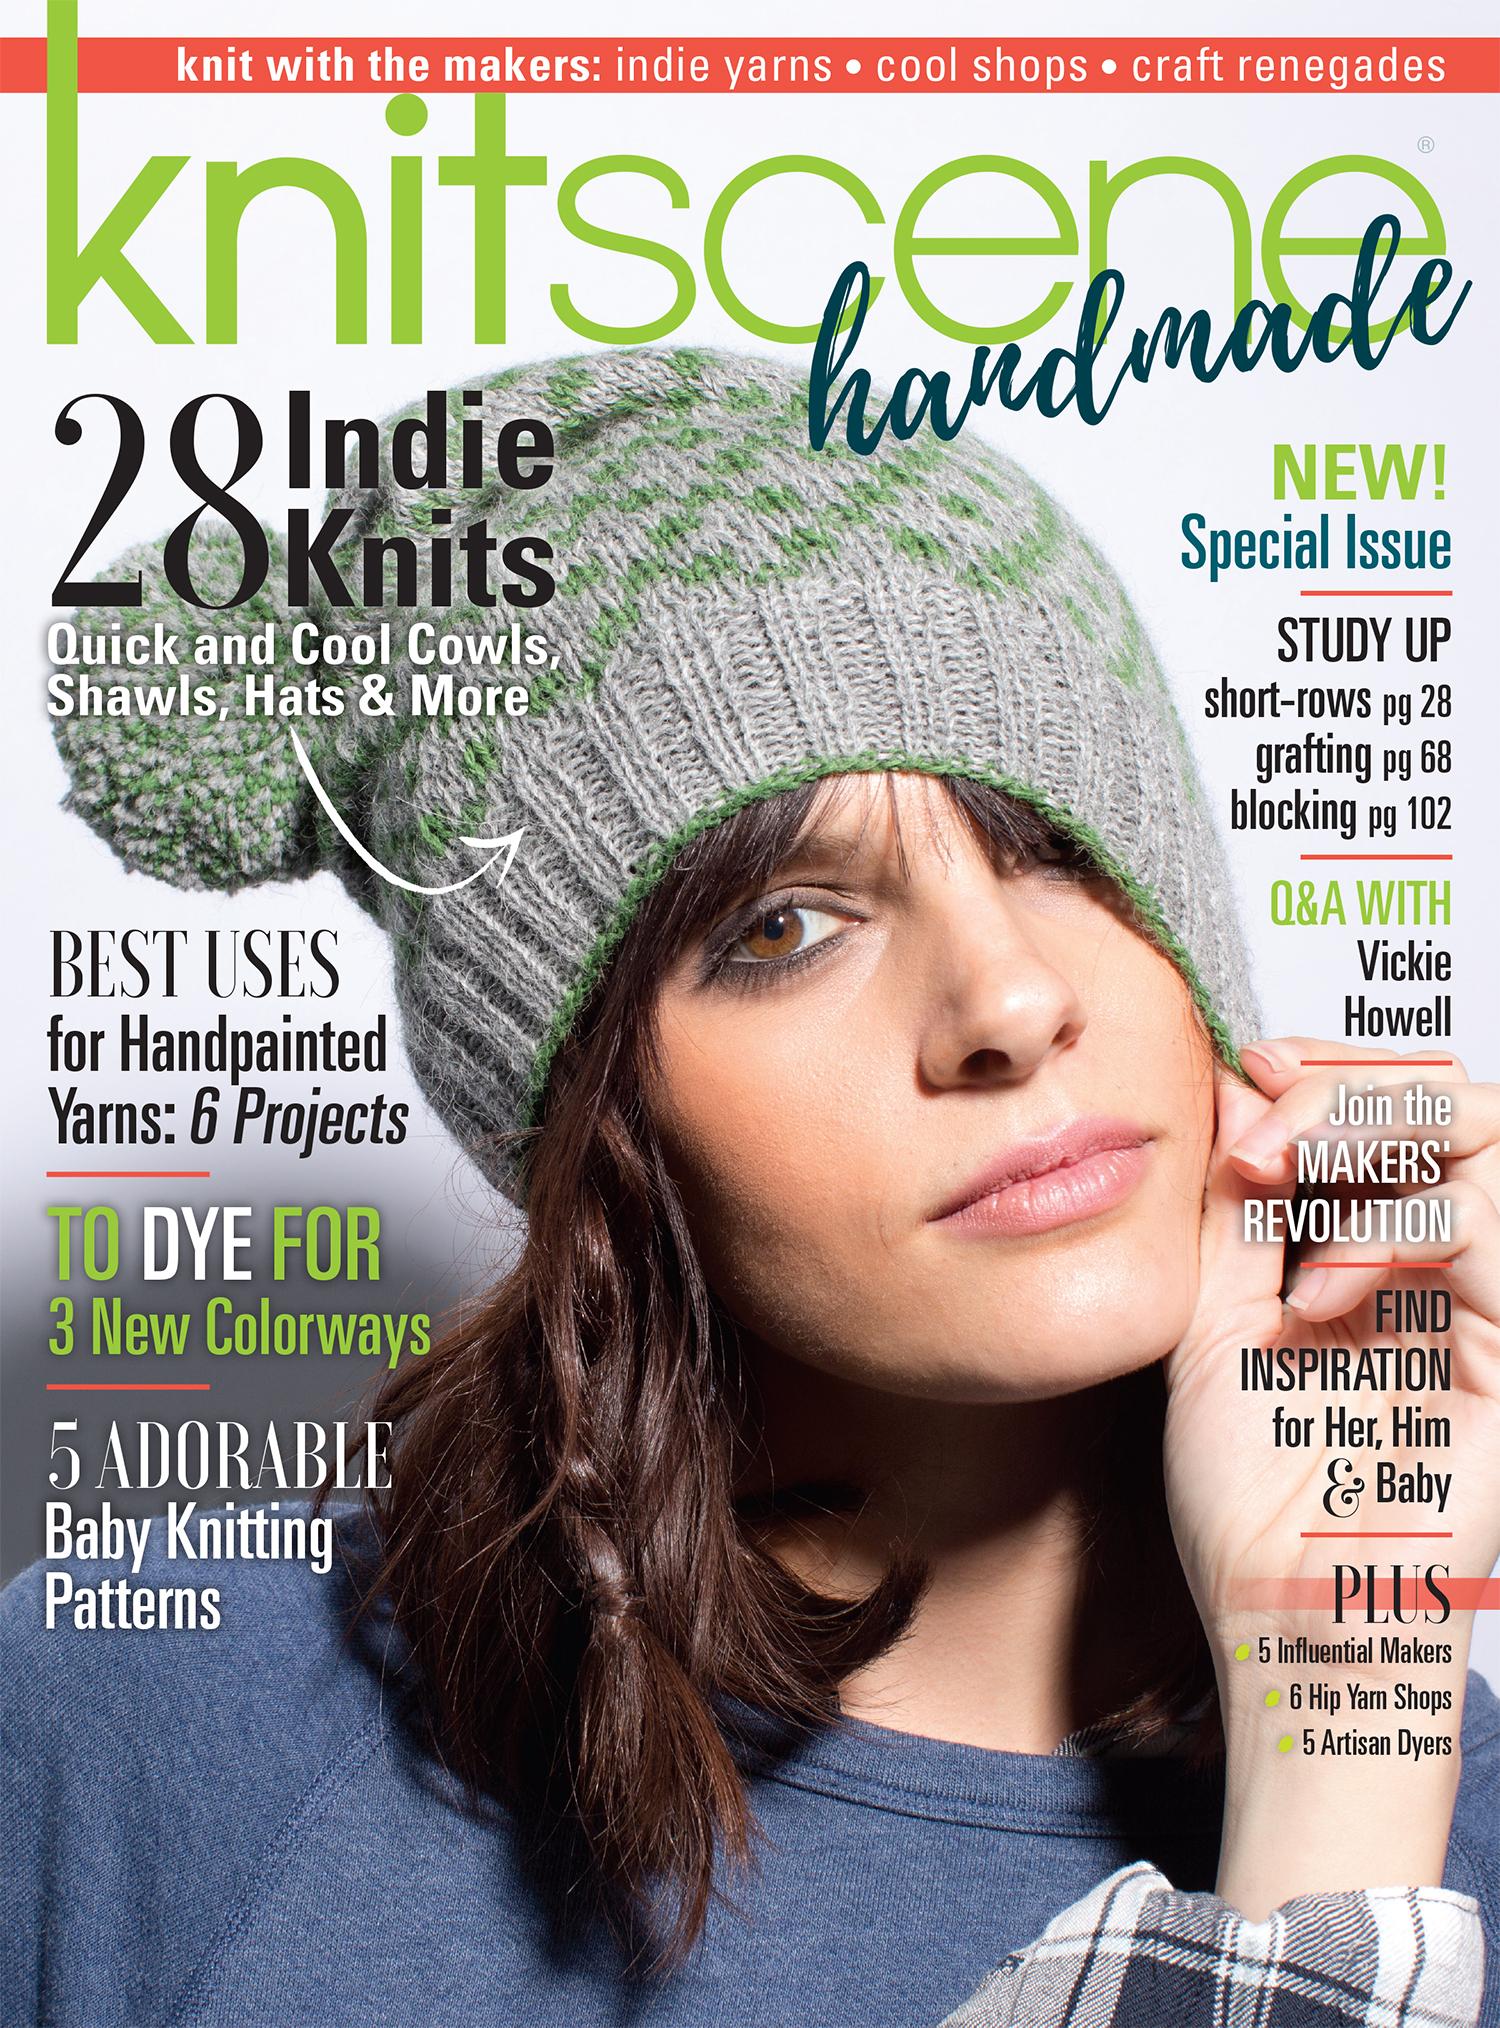 2016 knitscene handmade